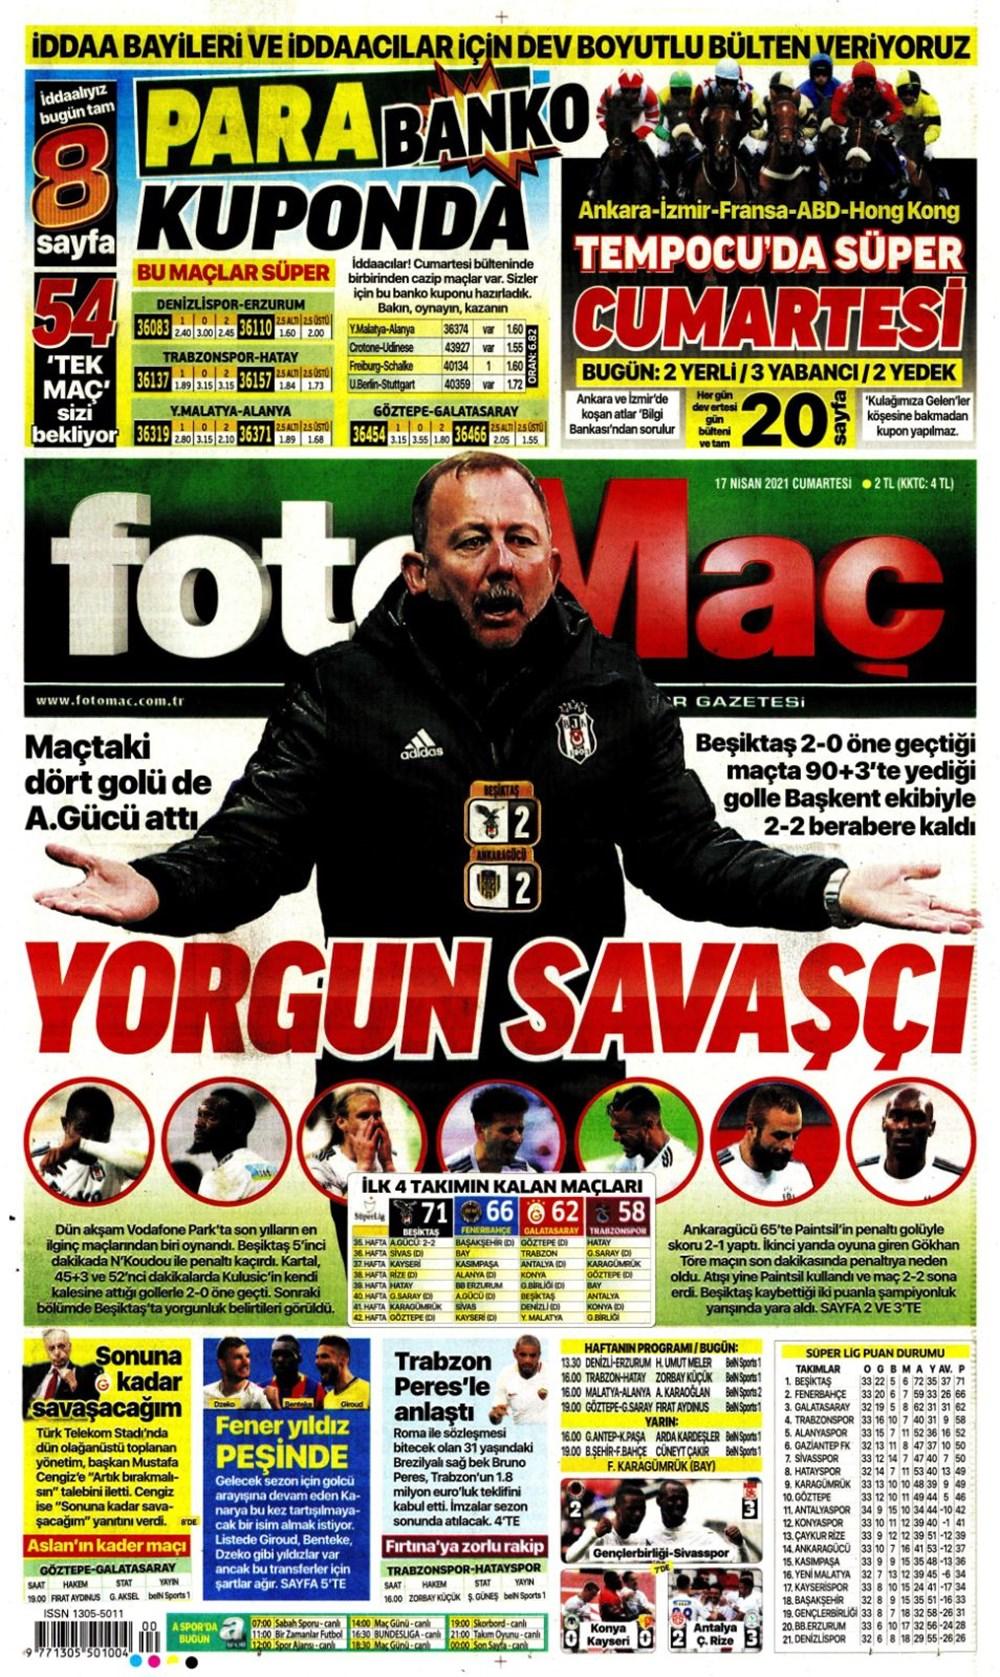 Günün spor manşetleri (17 Nisan 2021) - 7